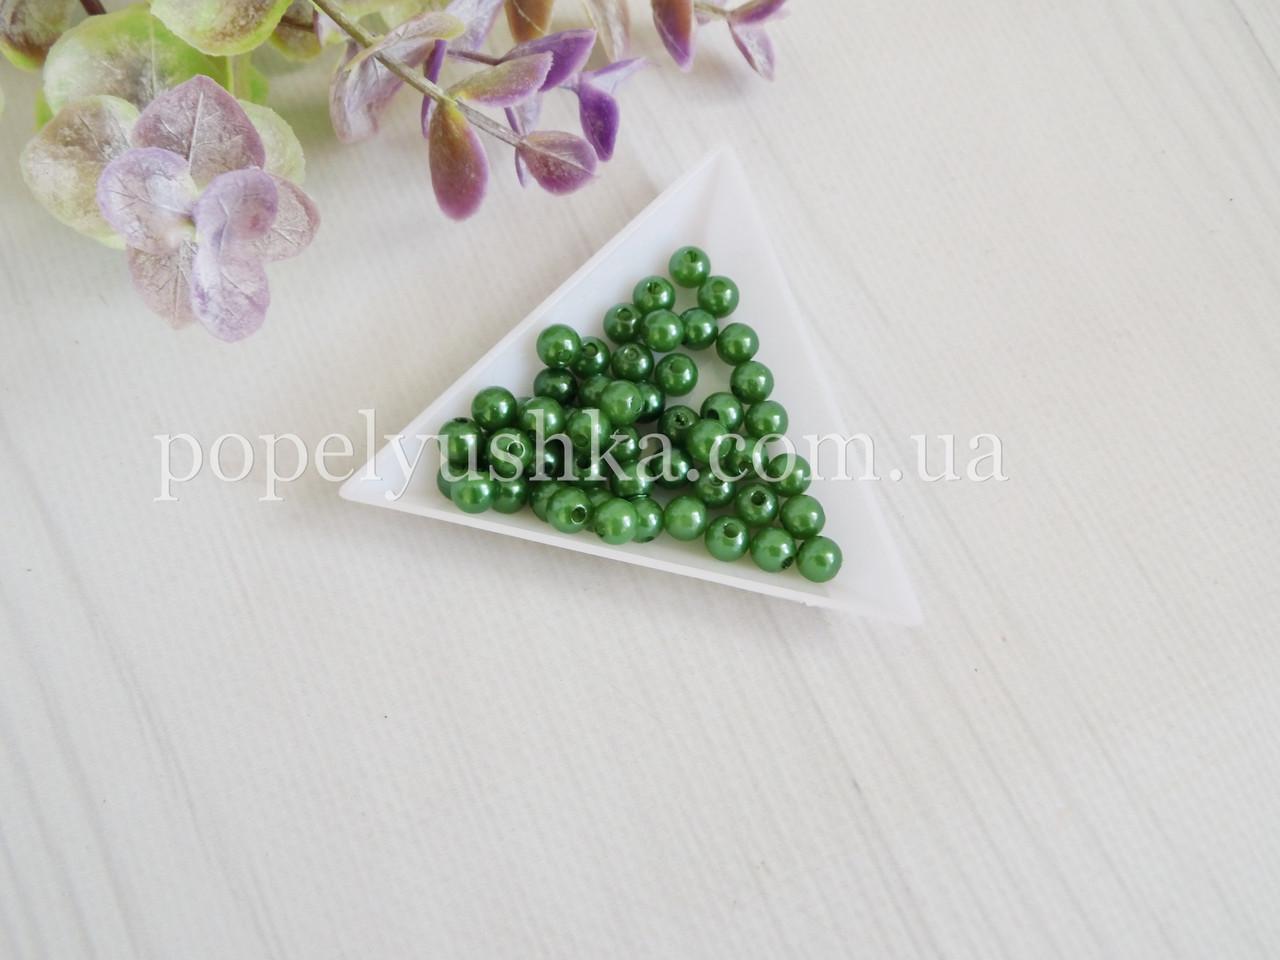 Намистини 6 мм Зелені акрил (50 шт.)